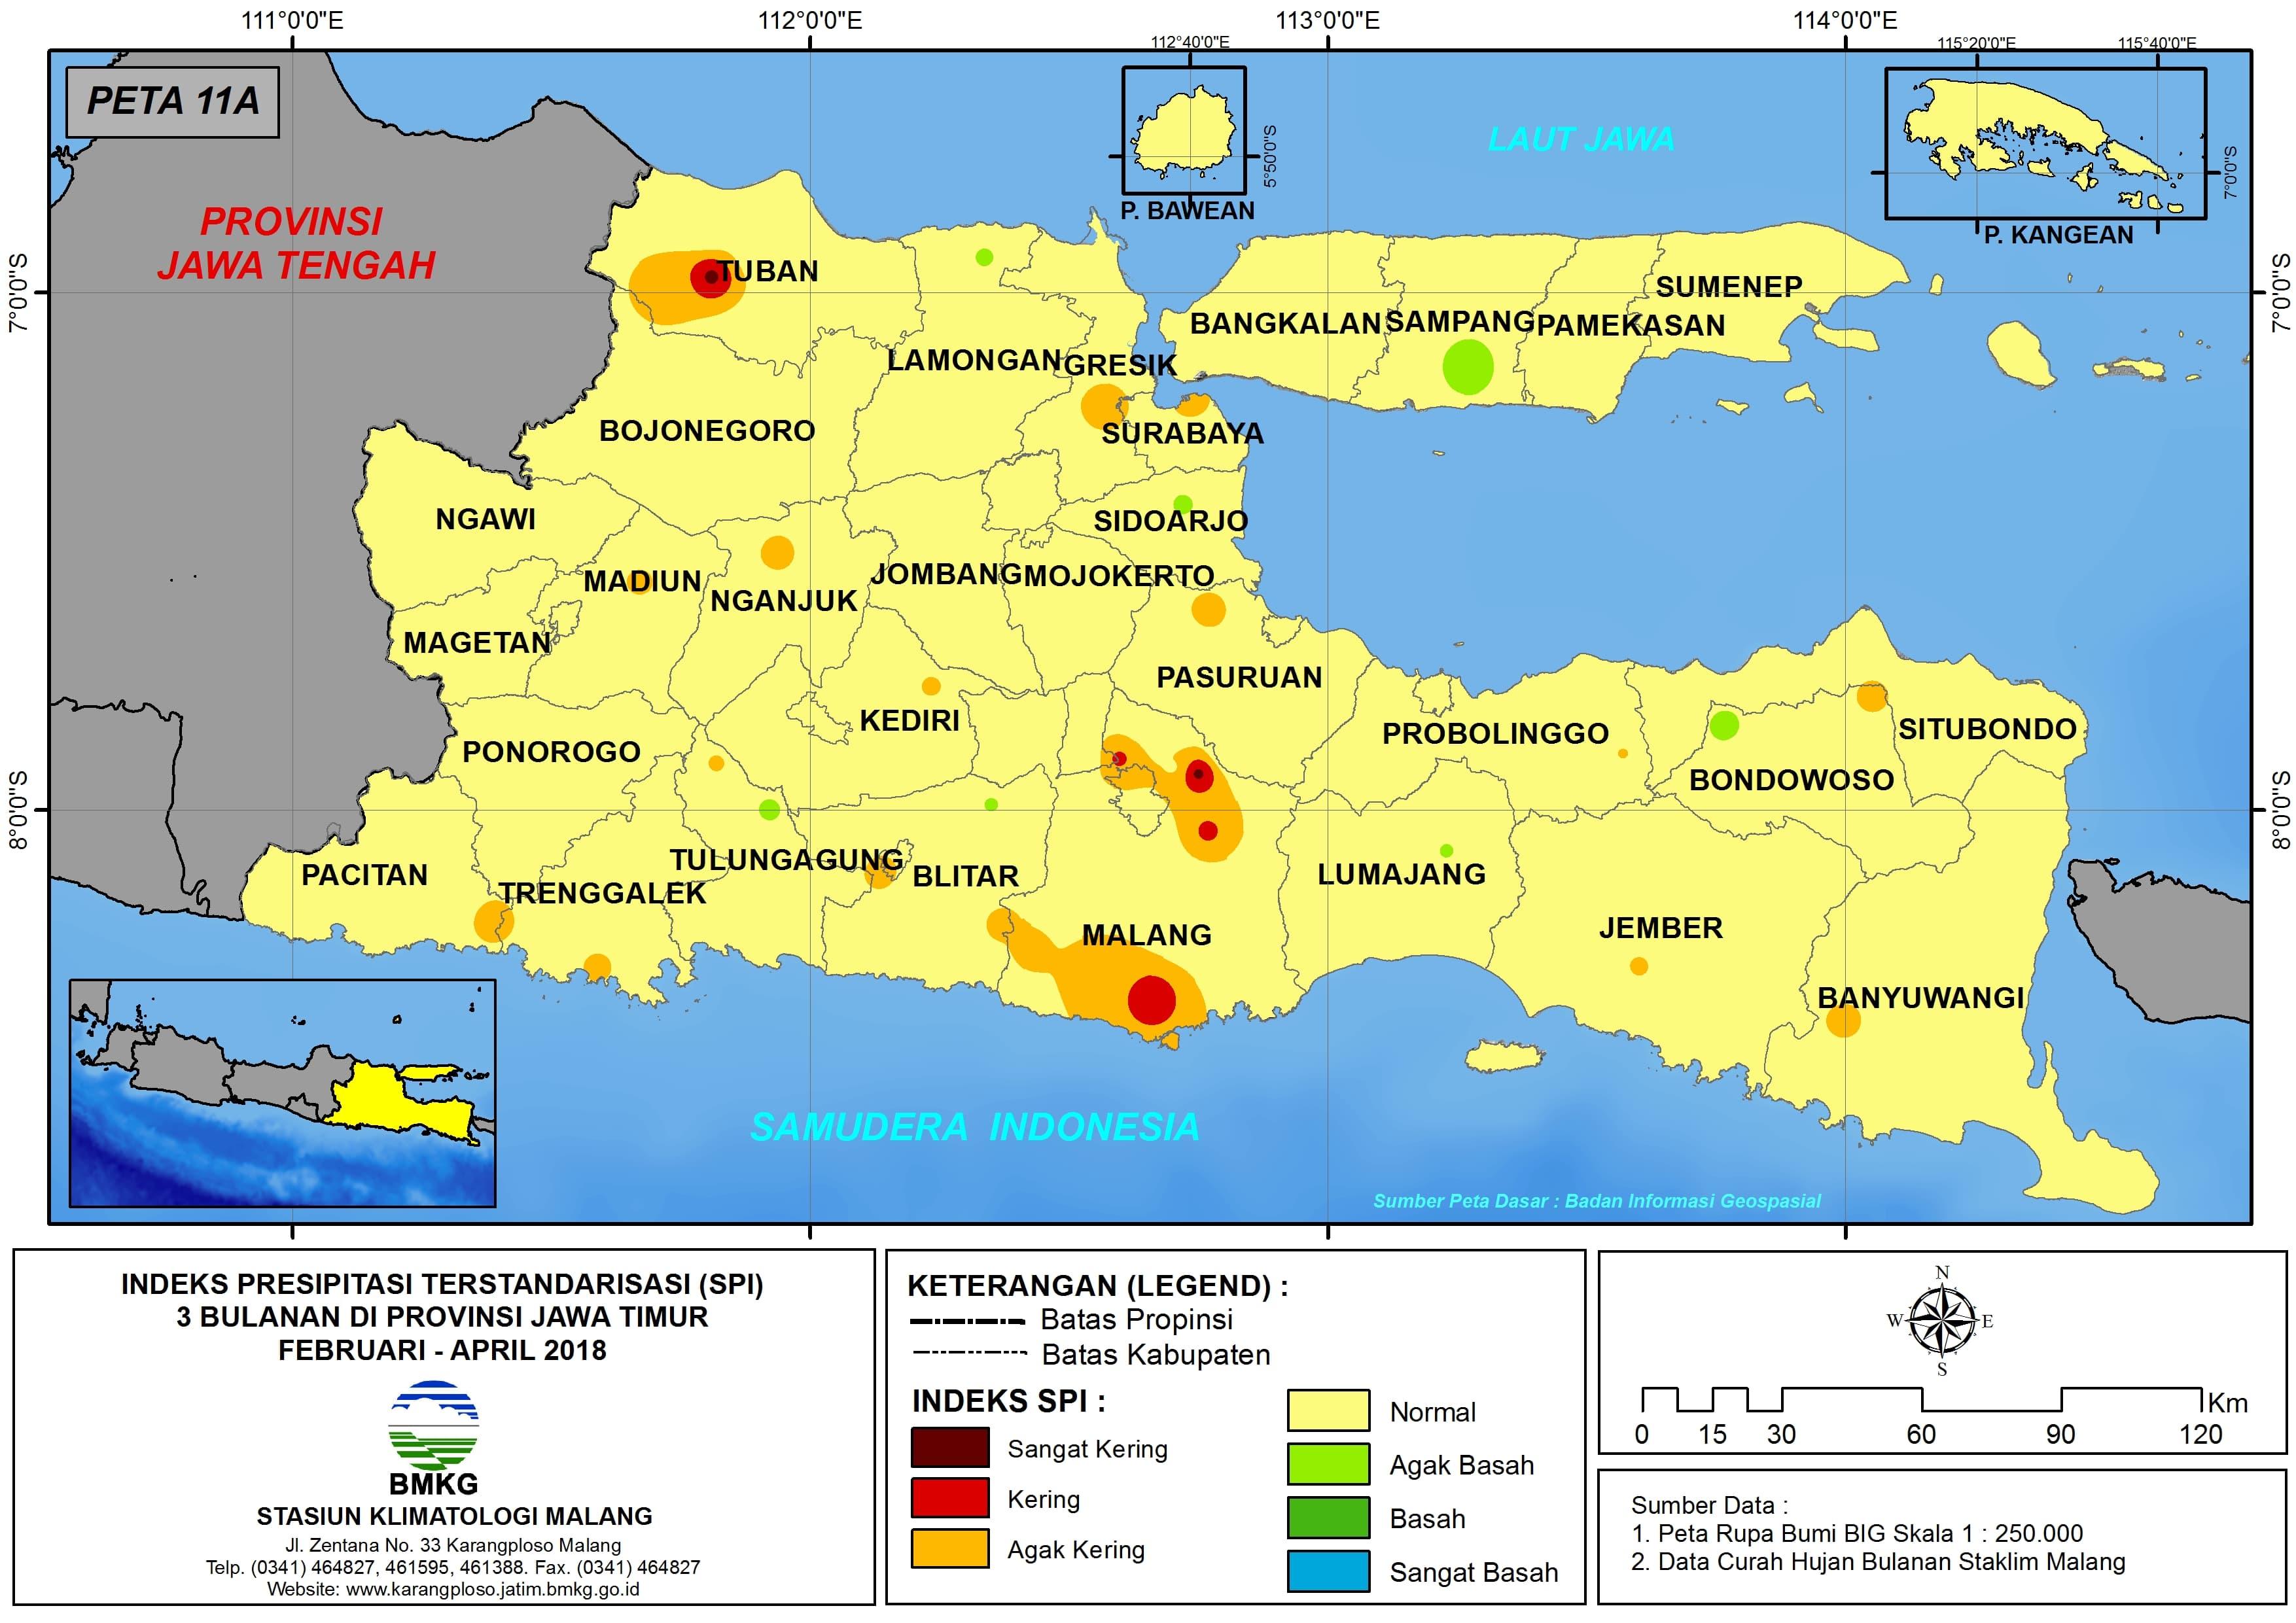 Analisis Indeks Presipitasi Terstandarisasi (SPI) 3 Bulanan Untuk Bulan Februari Maret April Tahun 2018 di Provinsi Jawa Timur